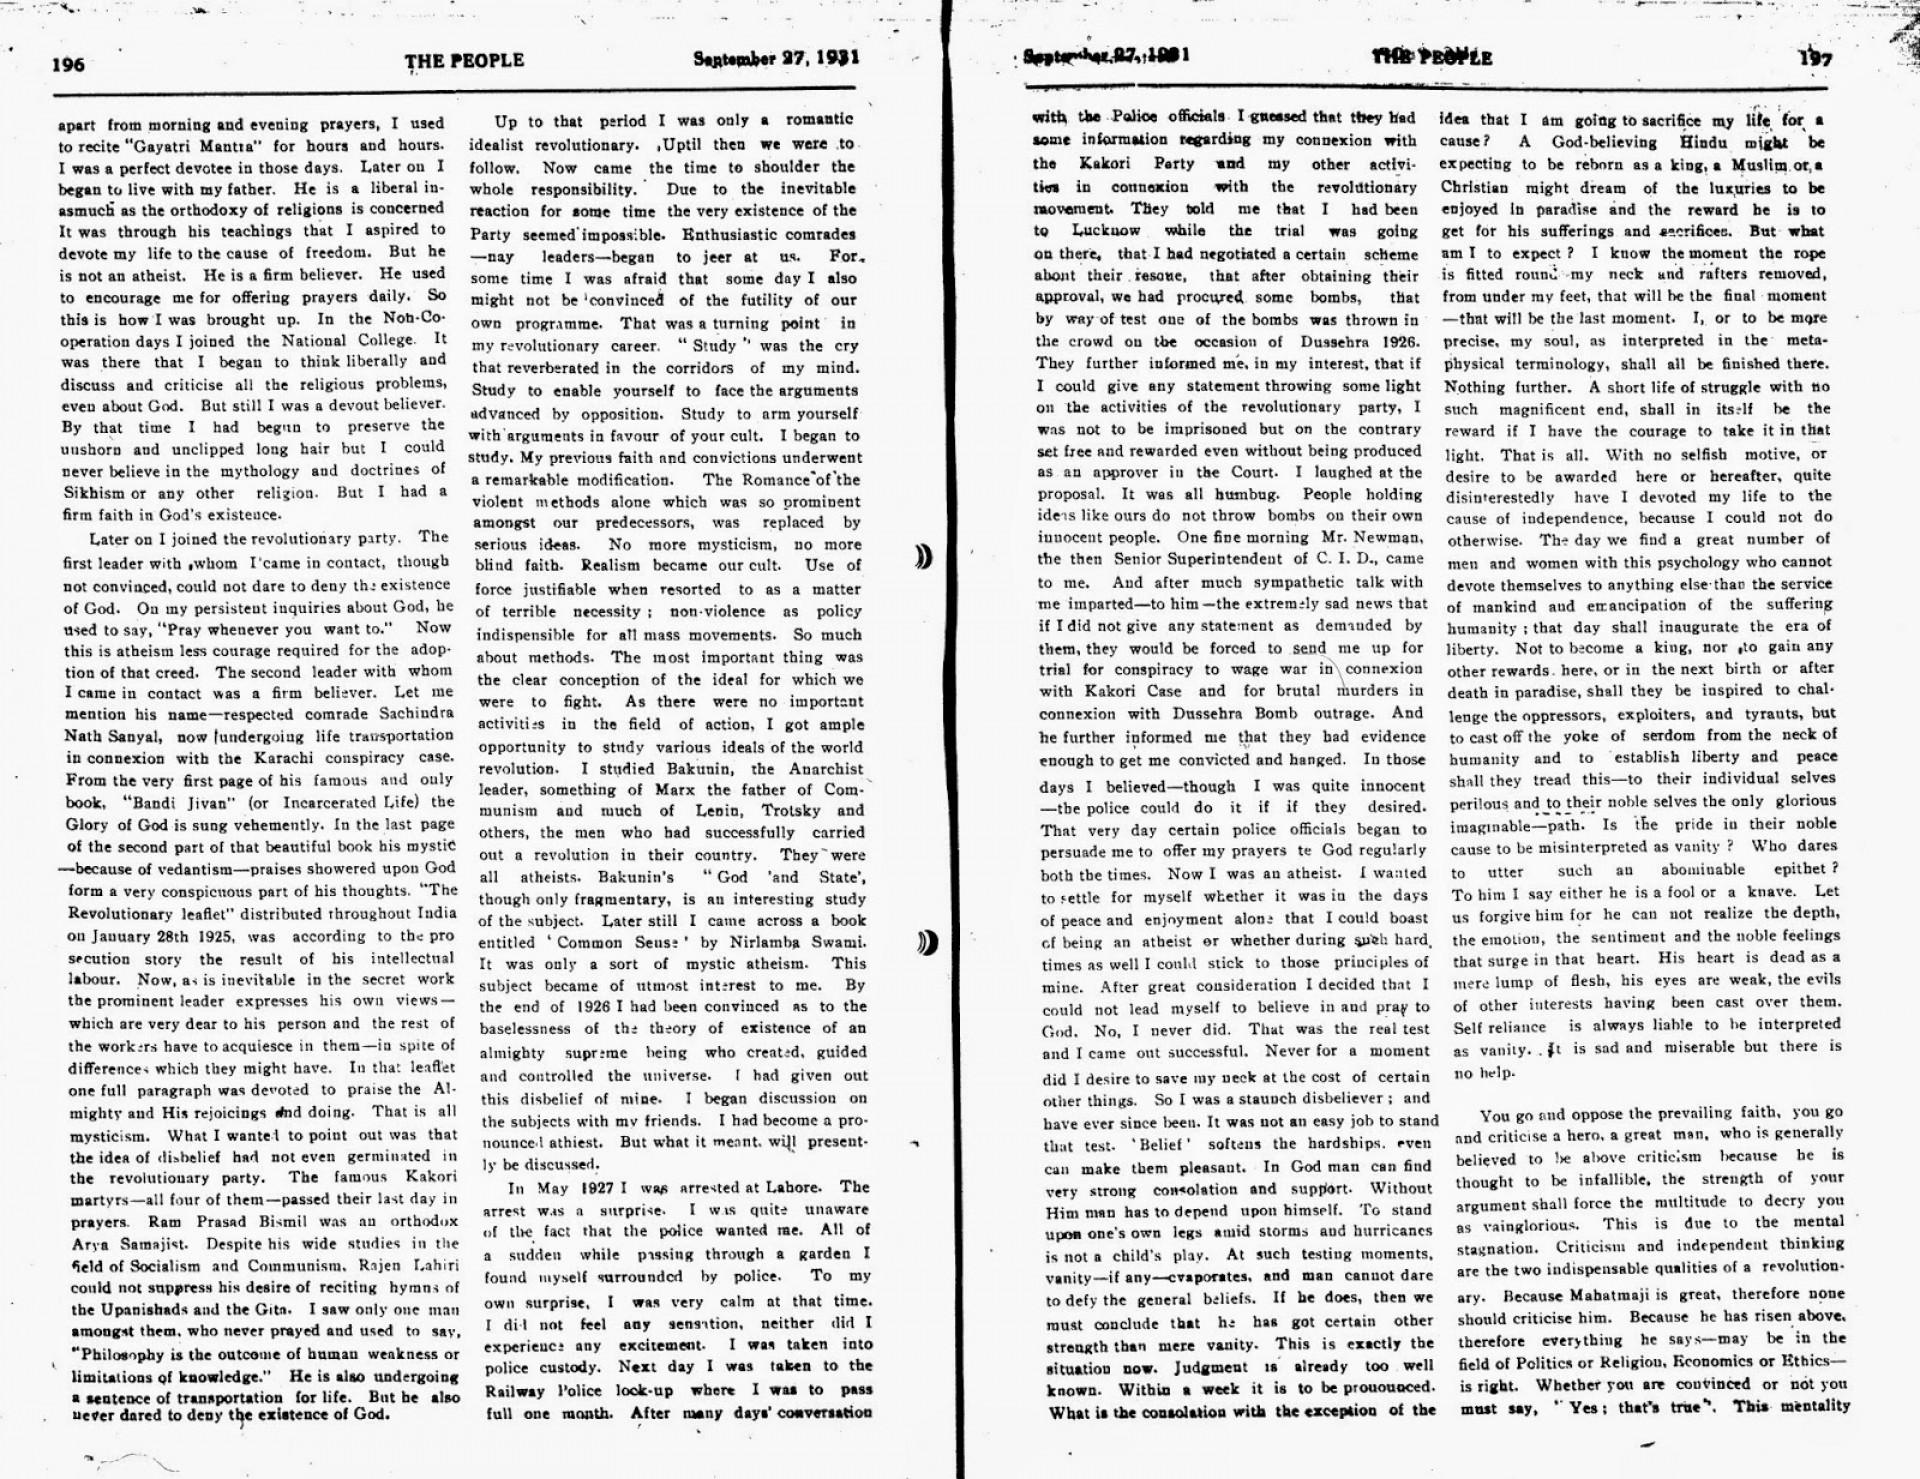 007 Essay Example On Bhagat Singh In Marathi Why2bi2bam2ban2batheist2b2 Unique Short 100 Words 1920